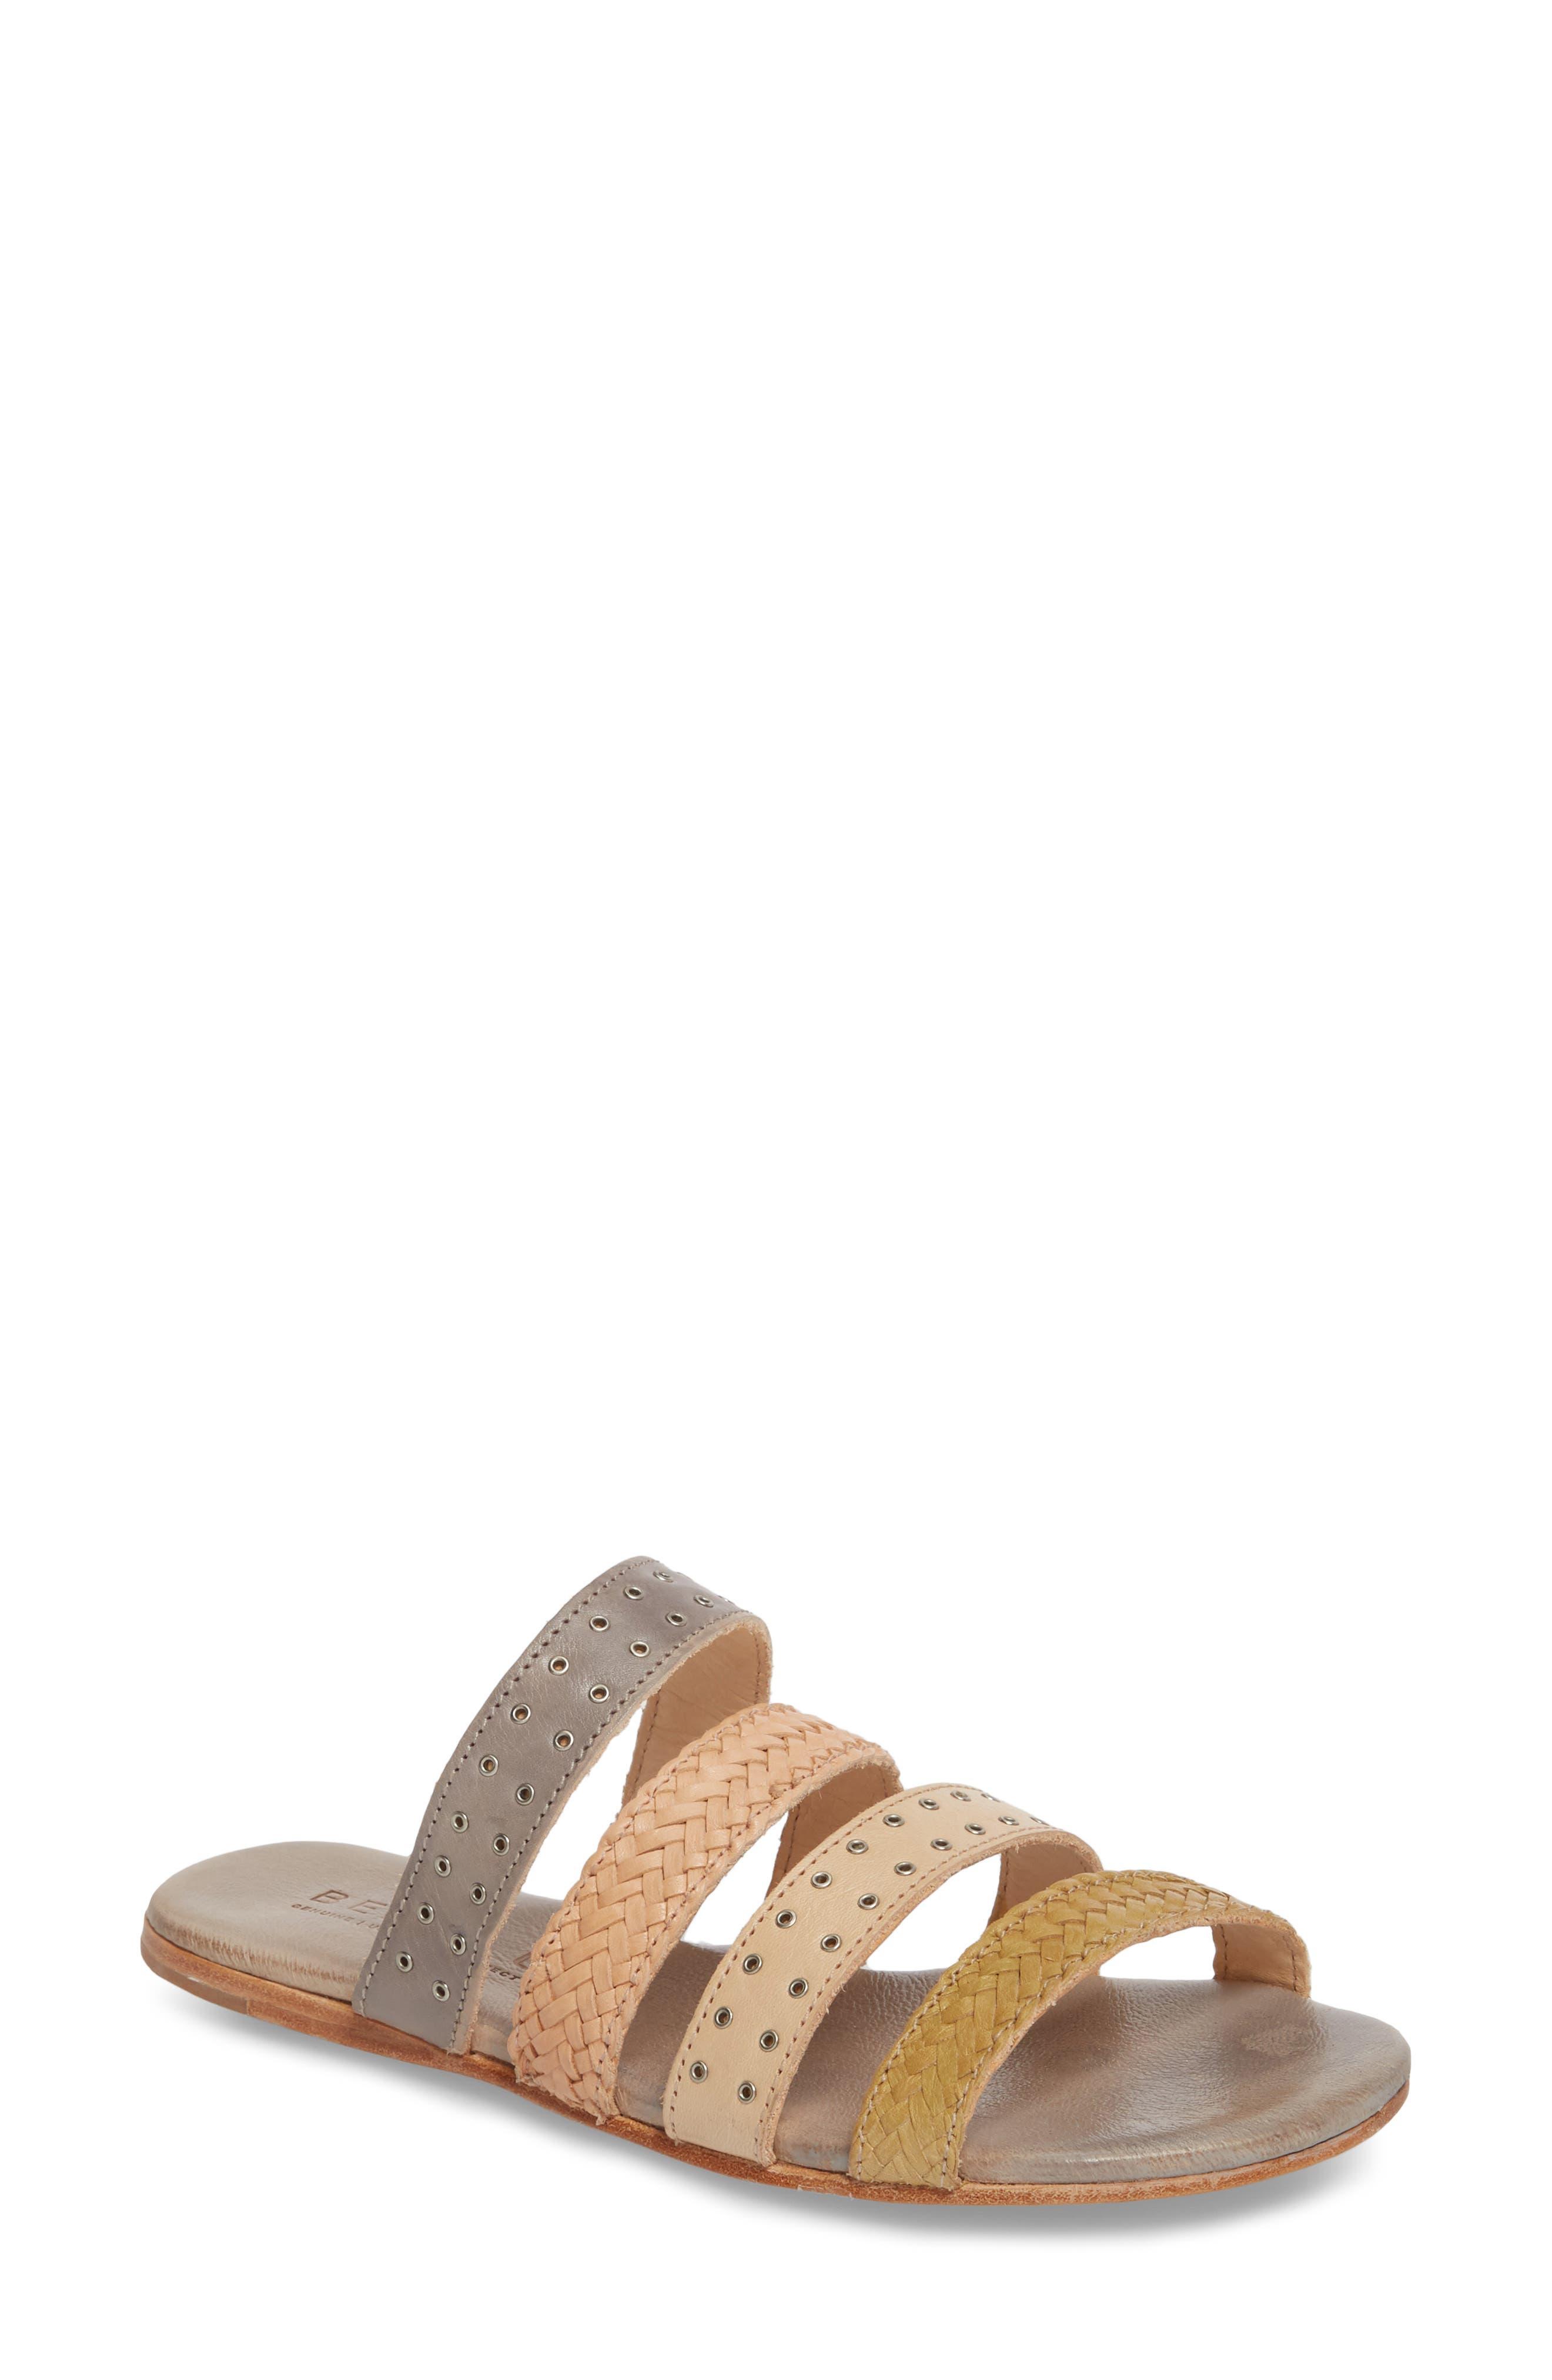 Henna Slide Sandal,                         Main,                         color, CASHEW/ LIGHT GREY LEATHER